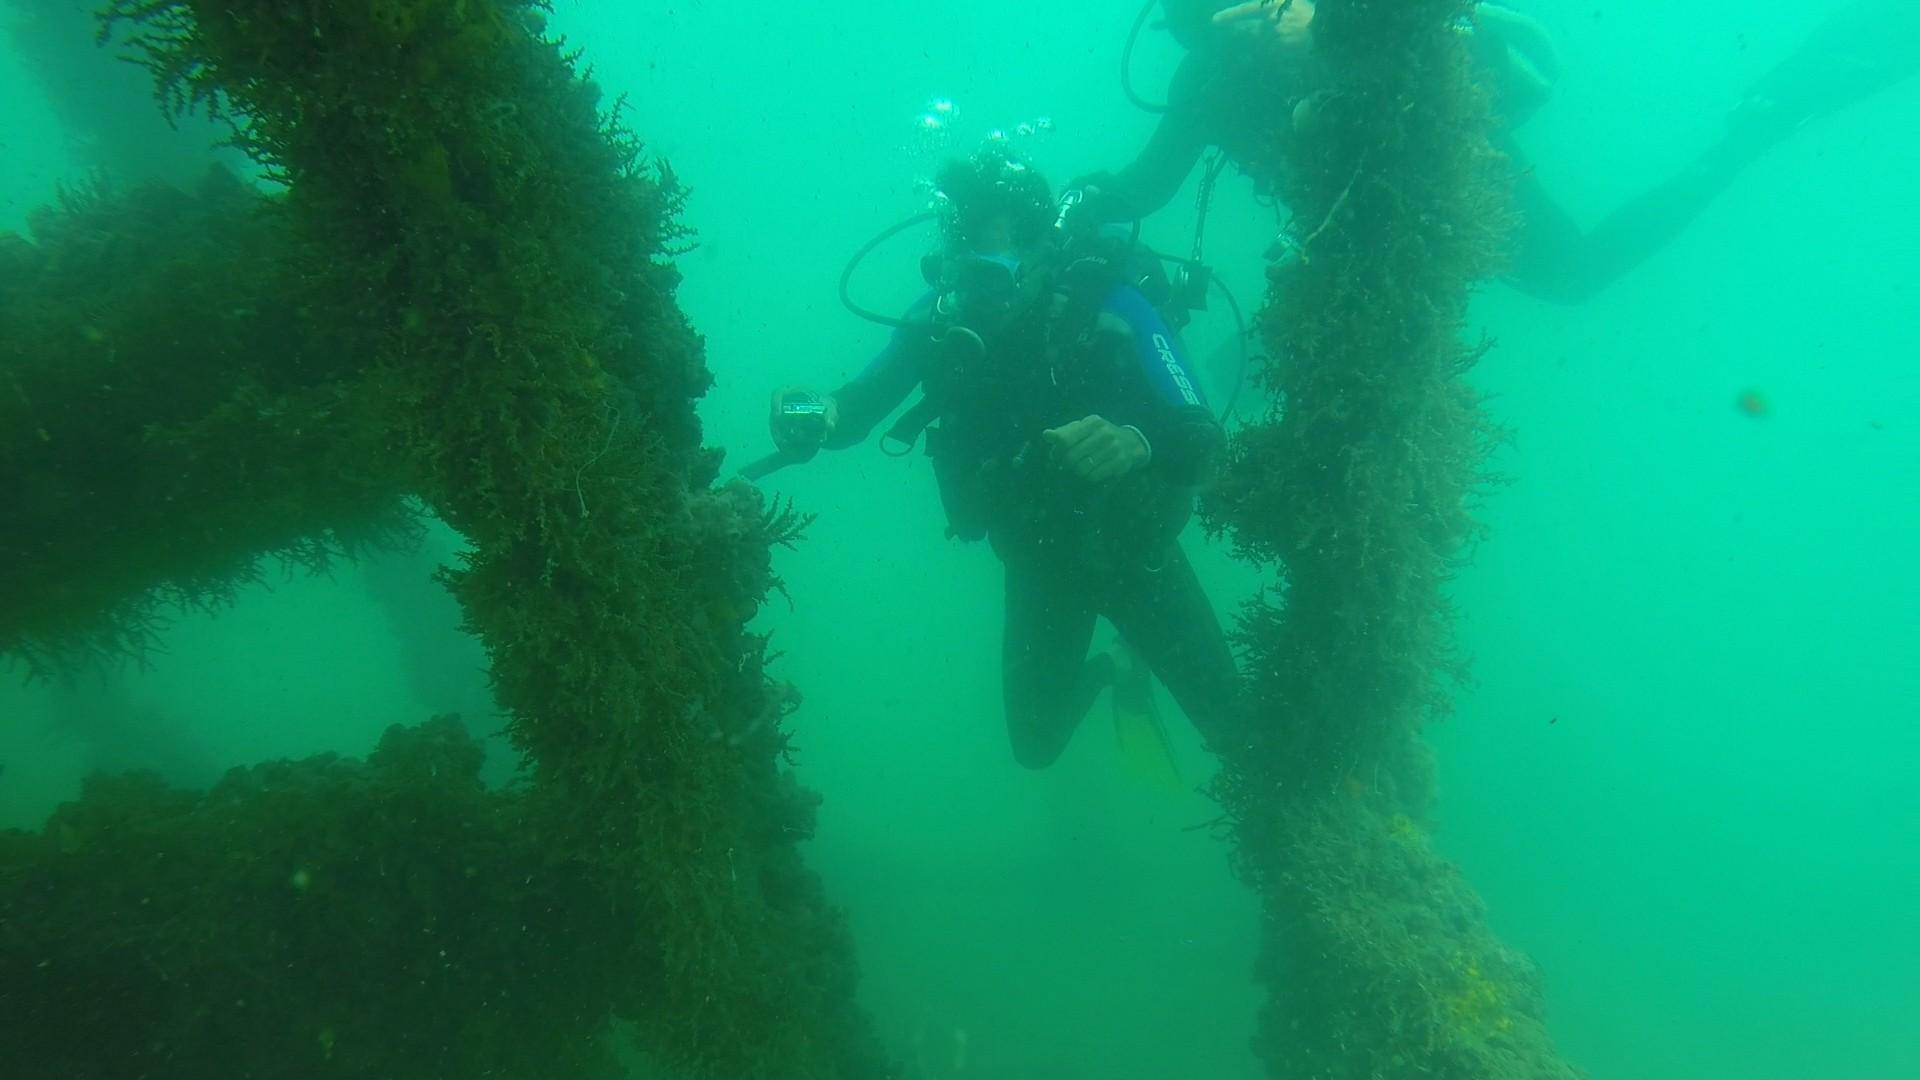 Jackson Costa mergulha para conhecer sítio arqueológico subaquático (Foto: Divulgação)